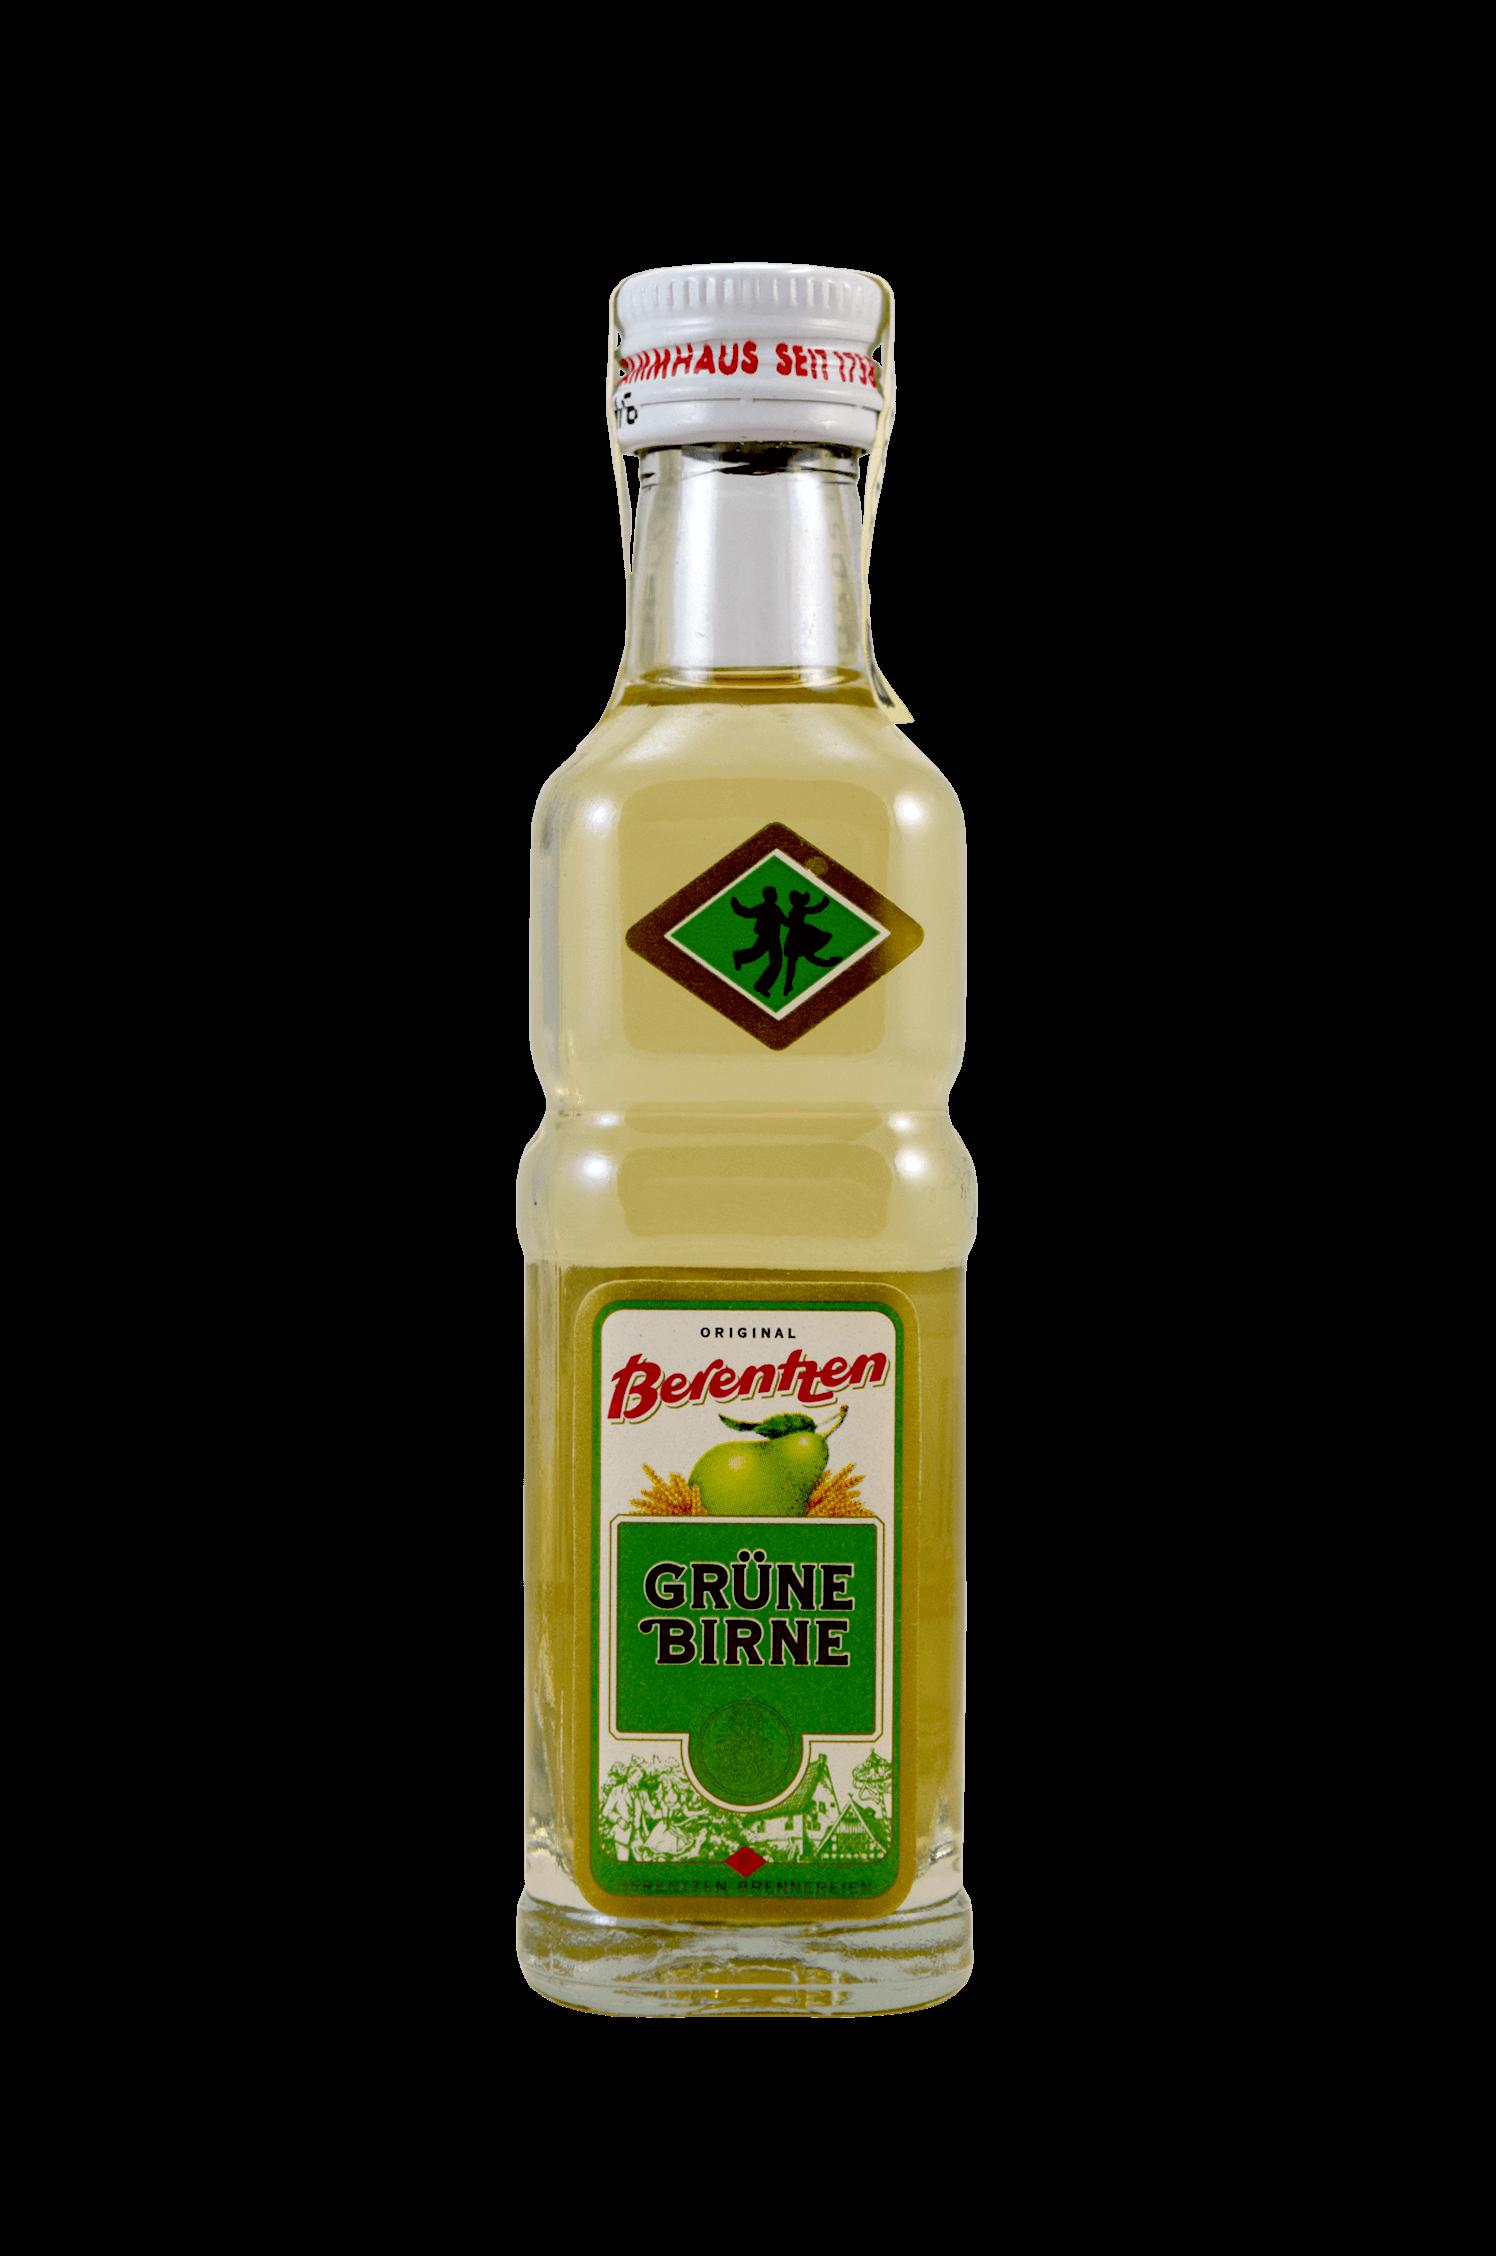 Grüne Birne Berentzen